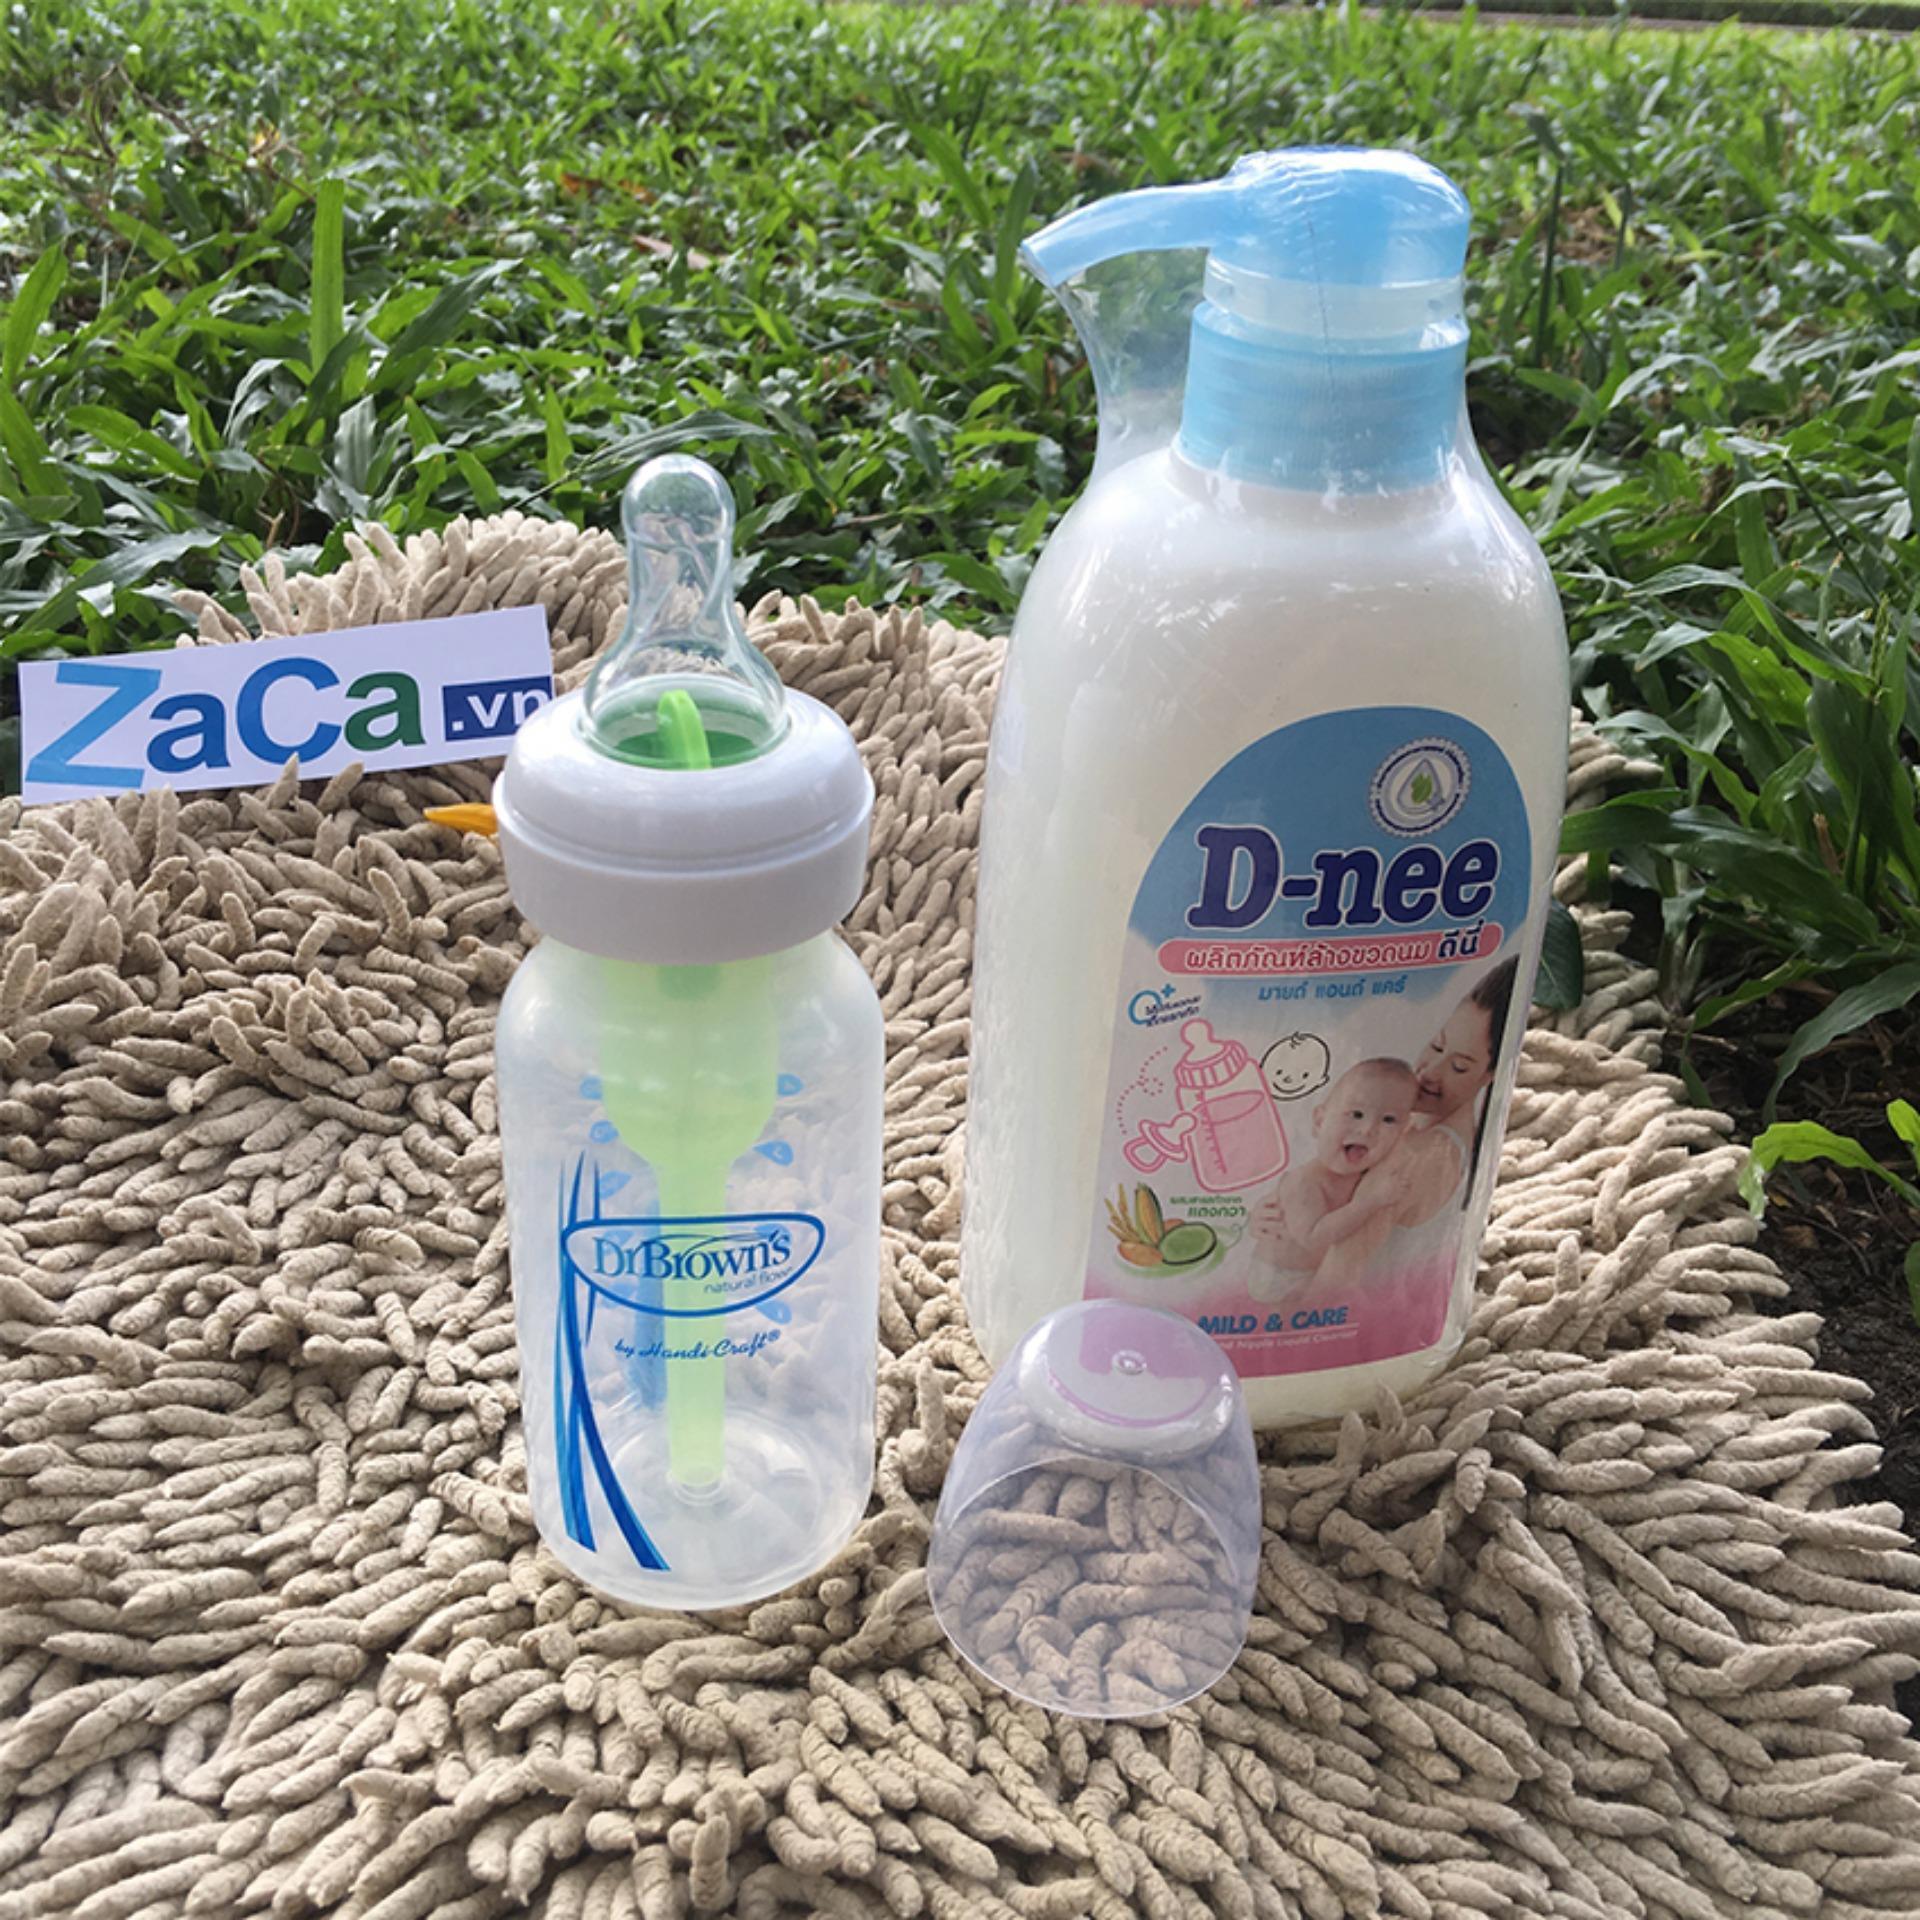 Bộ Bình Sữa Dr. Brown Option Cổ Hẹp 120Ml Và Chai Nước Rửa Bình Sữa D-Nee 500Ml  (Xanh Dương Nhạt)